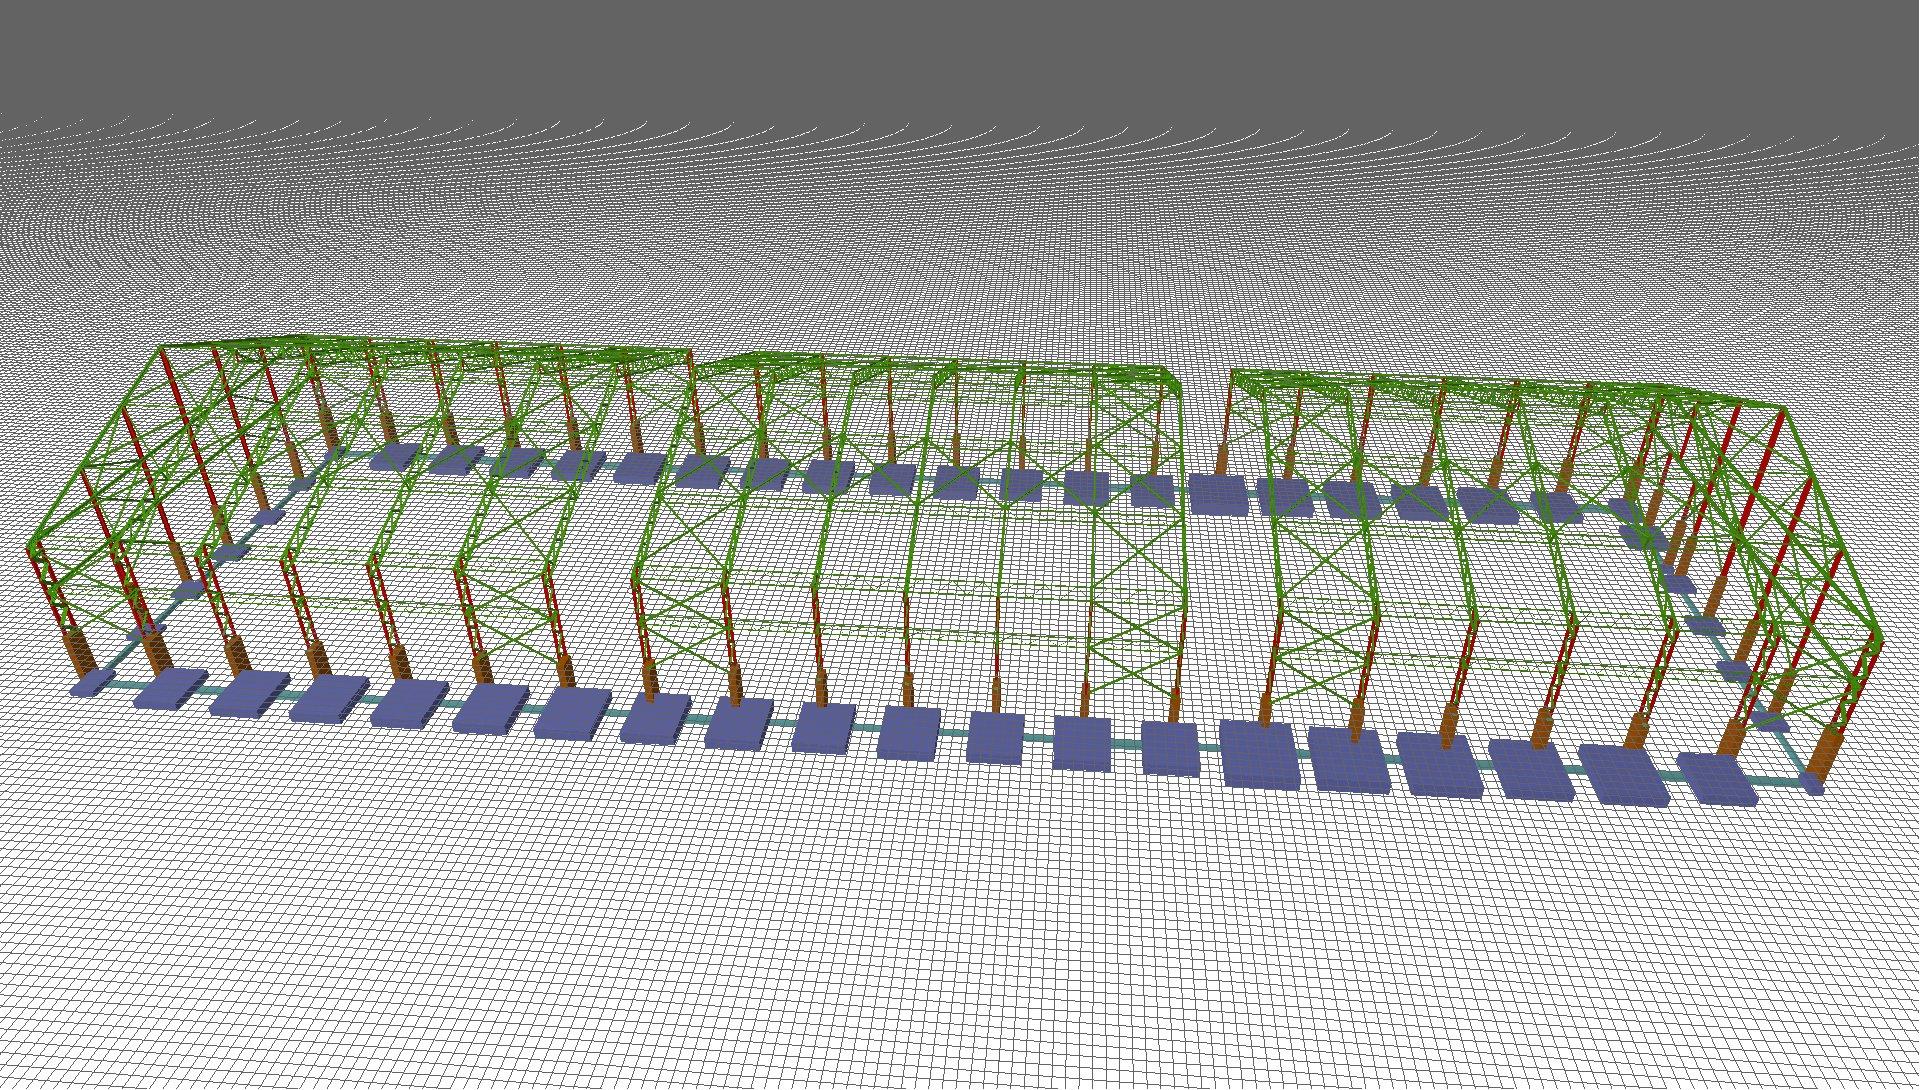 Parque de almacenamiento 02 - Proyectos ACCE Ingeniería